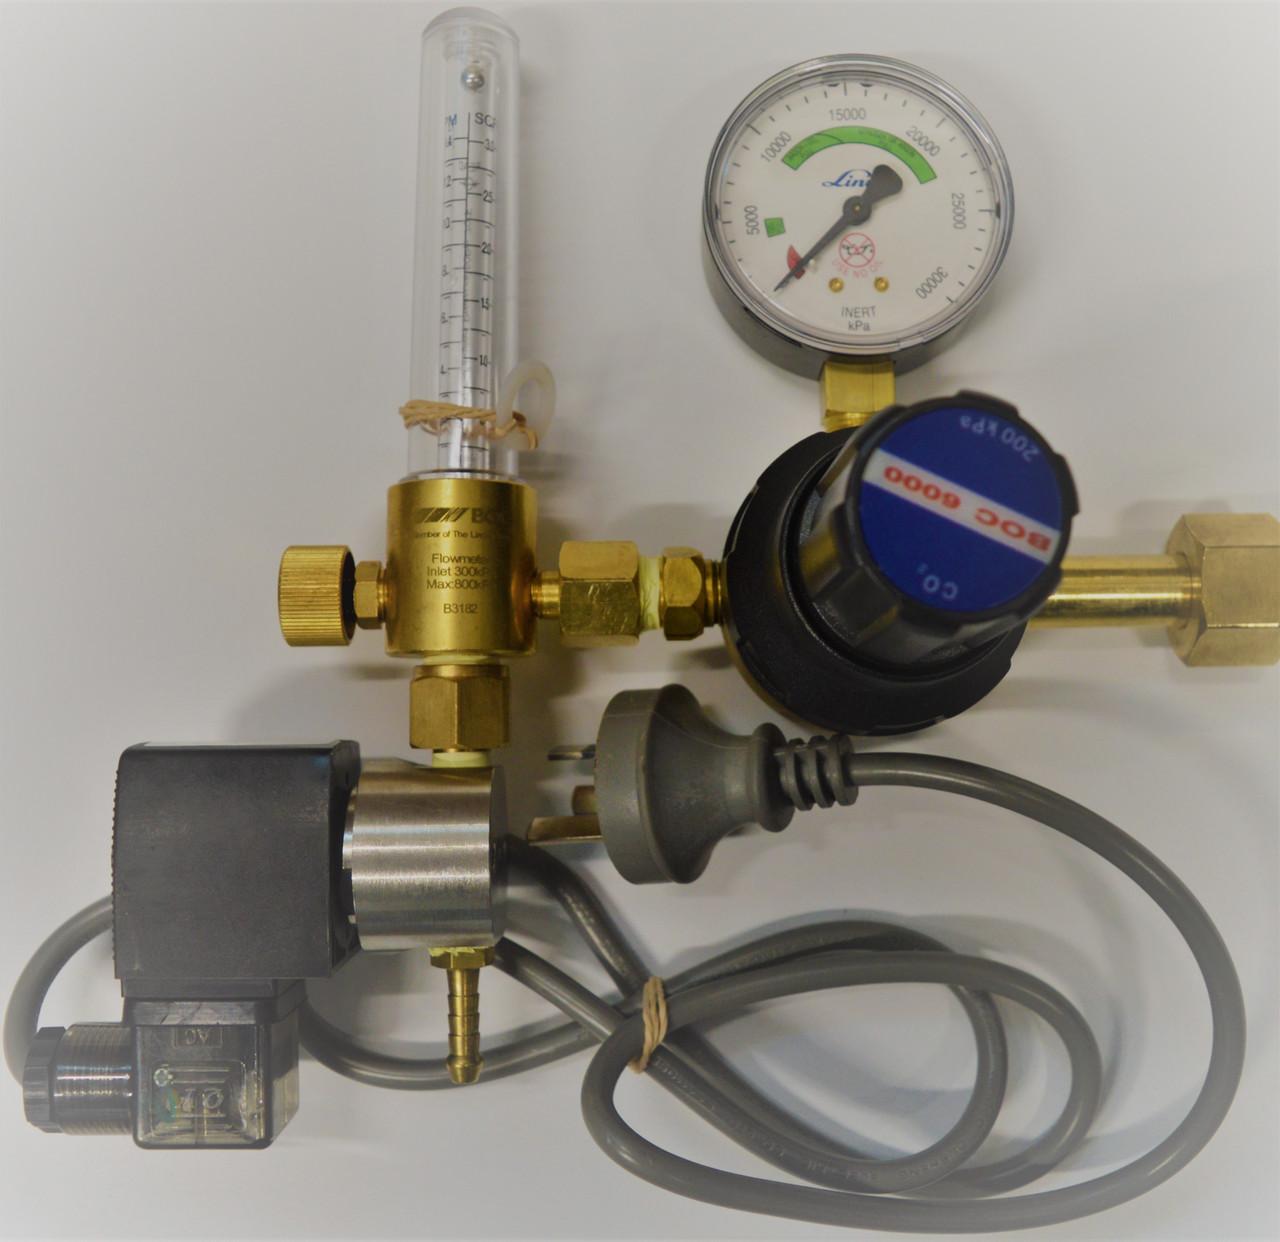 Co2 Flow Meter and Regulator